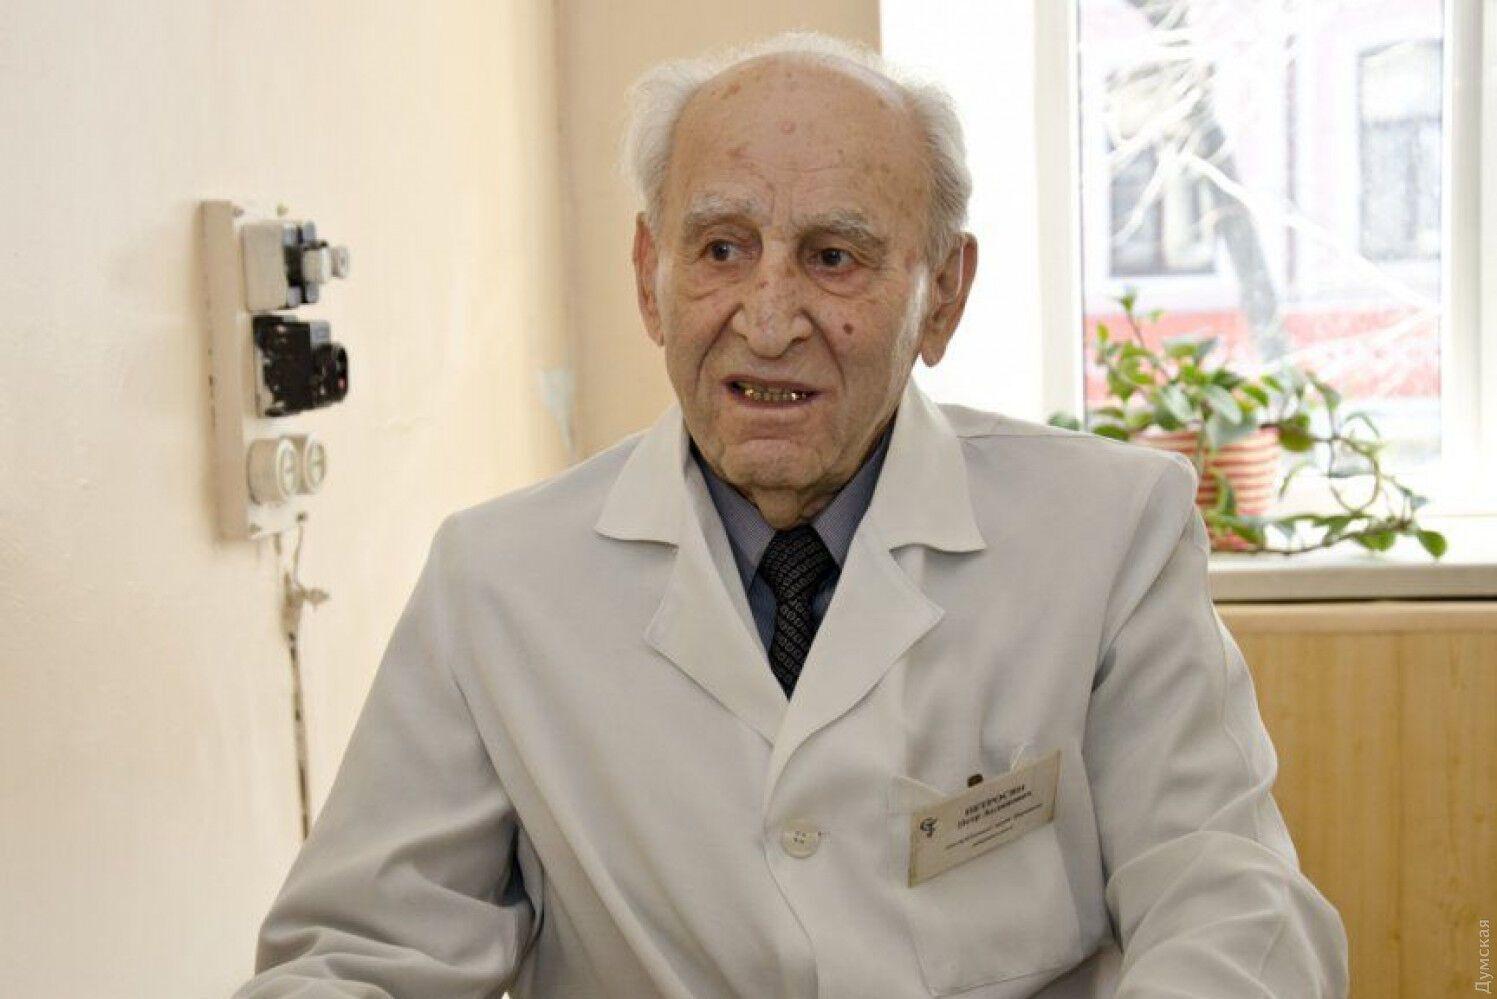 Петр Петросян проработал 78 лет